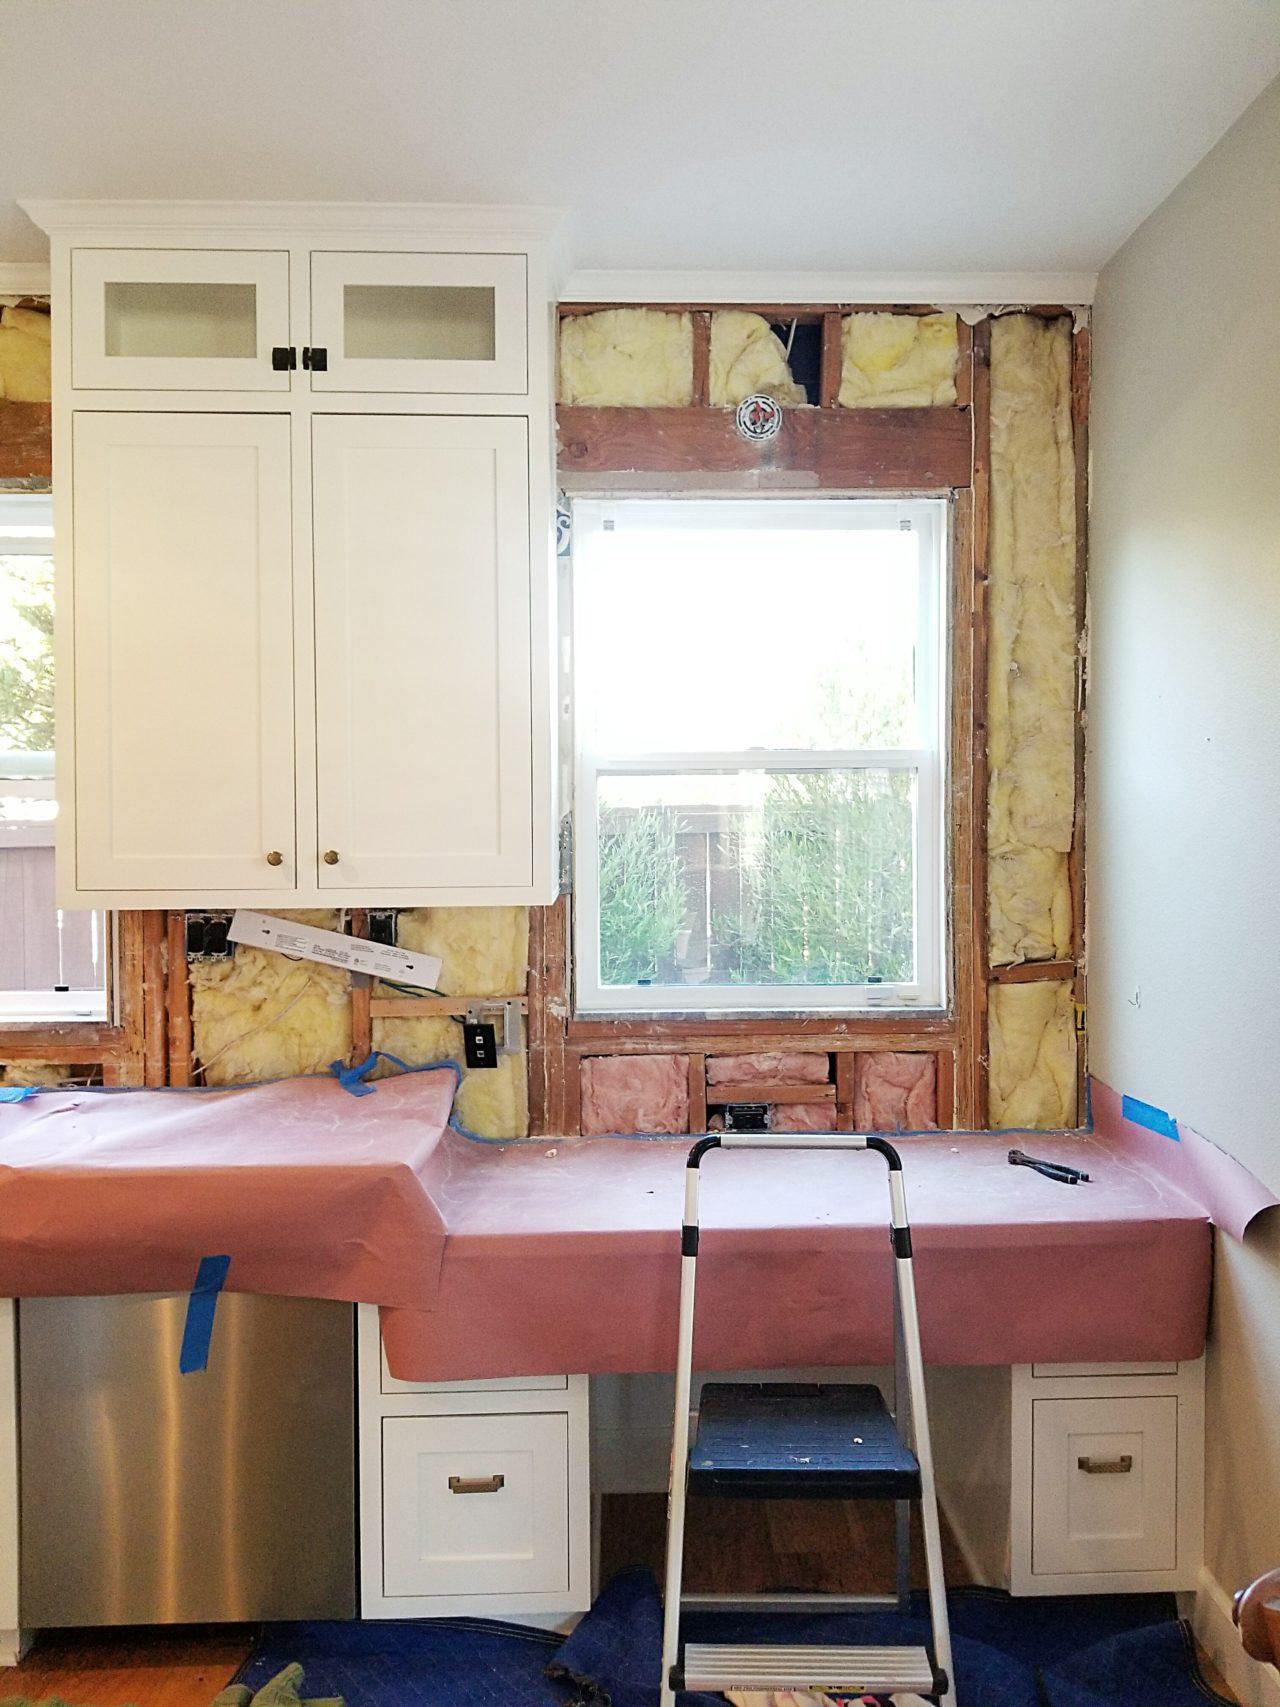 Kitchen Backsplash Installation With Floor & Decor - House